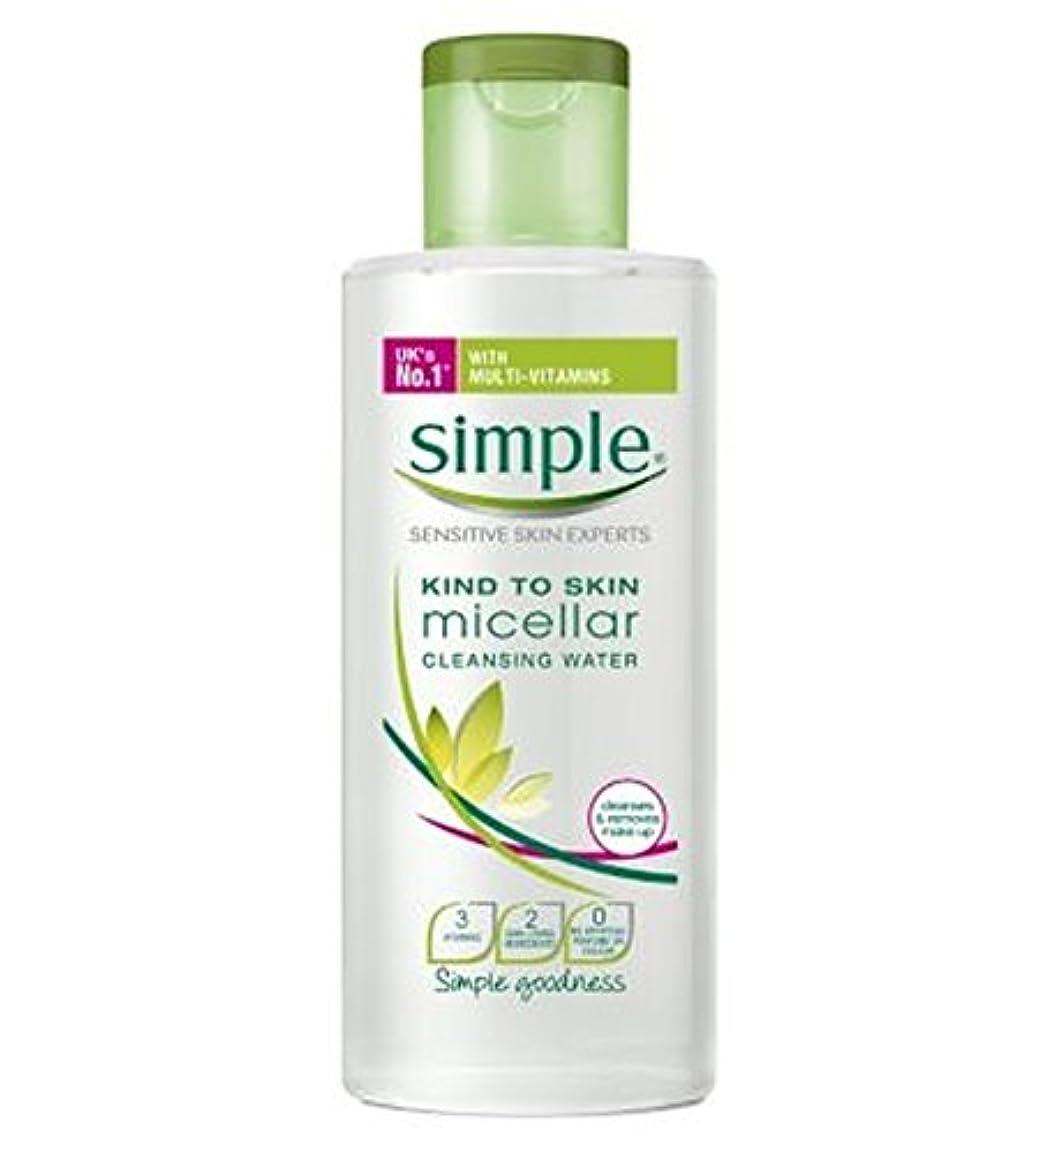 たくさんのきらめく用語集皮膚ミセル洗浄水200ミリリットルに簡単な種類 (Simple) (x2) - Simple Kind To Skin Micellar Cleansing Water 200ml (Pack of 2) [並行輸入品]